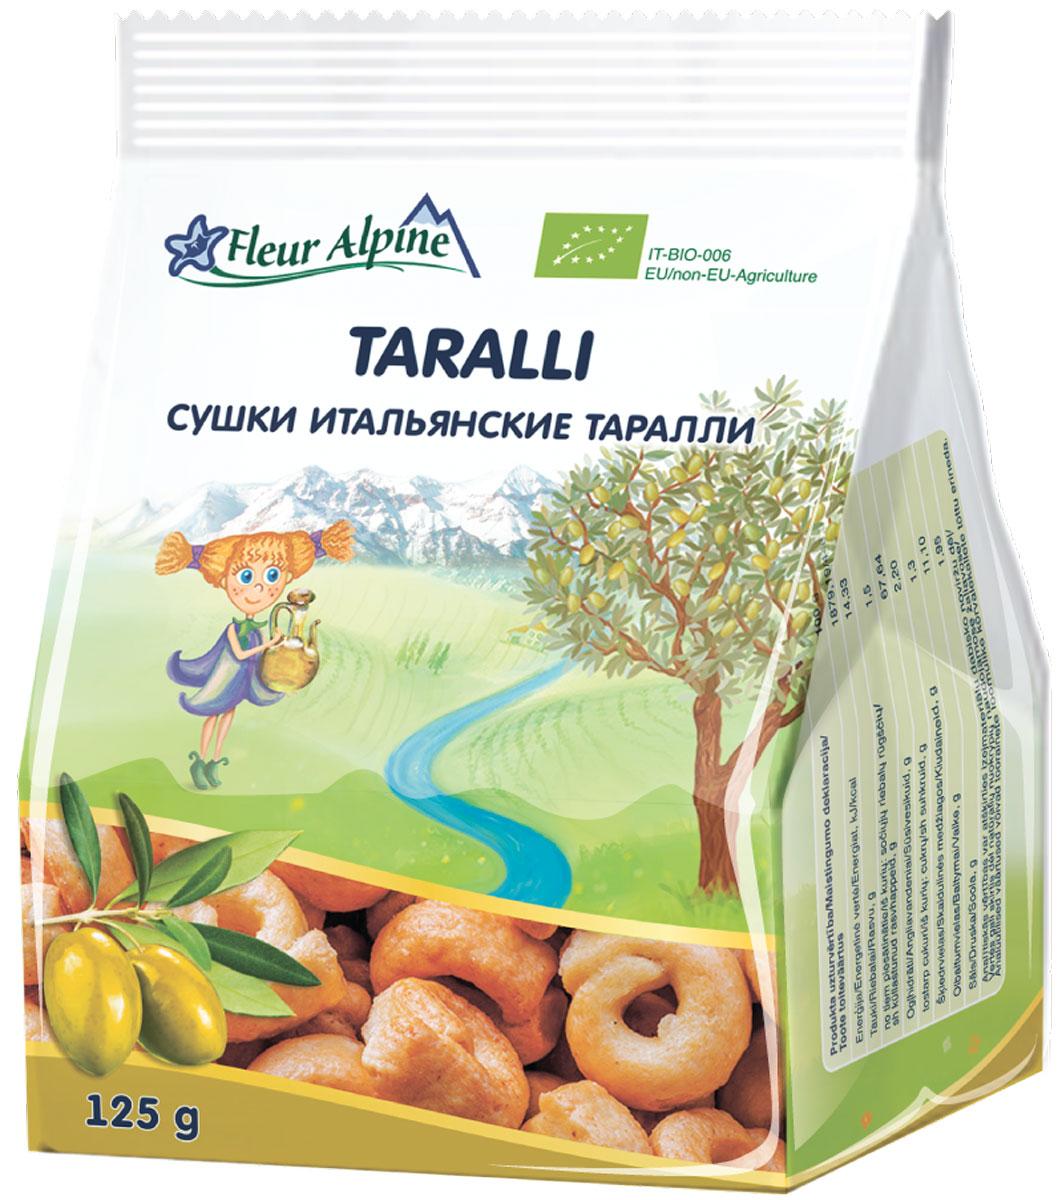 Fleur Alpine Organic Таралли сушки итальянские, 125 г ufeelgood organic pumpkin seeds органические семена тыквы 150 г